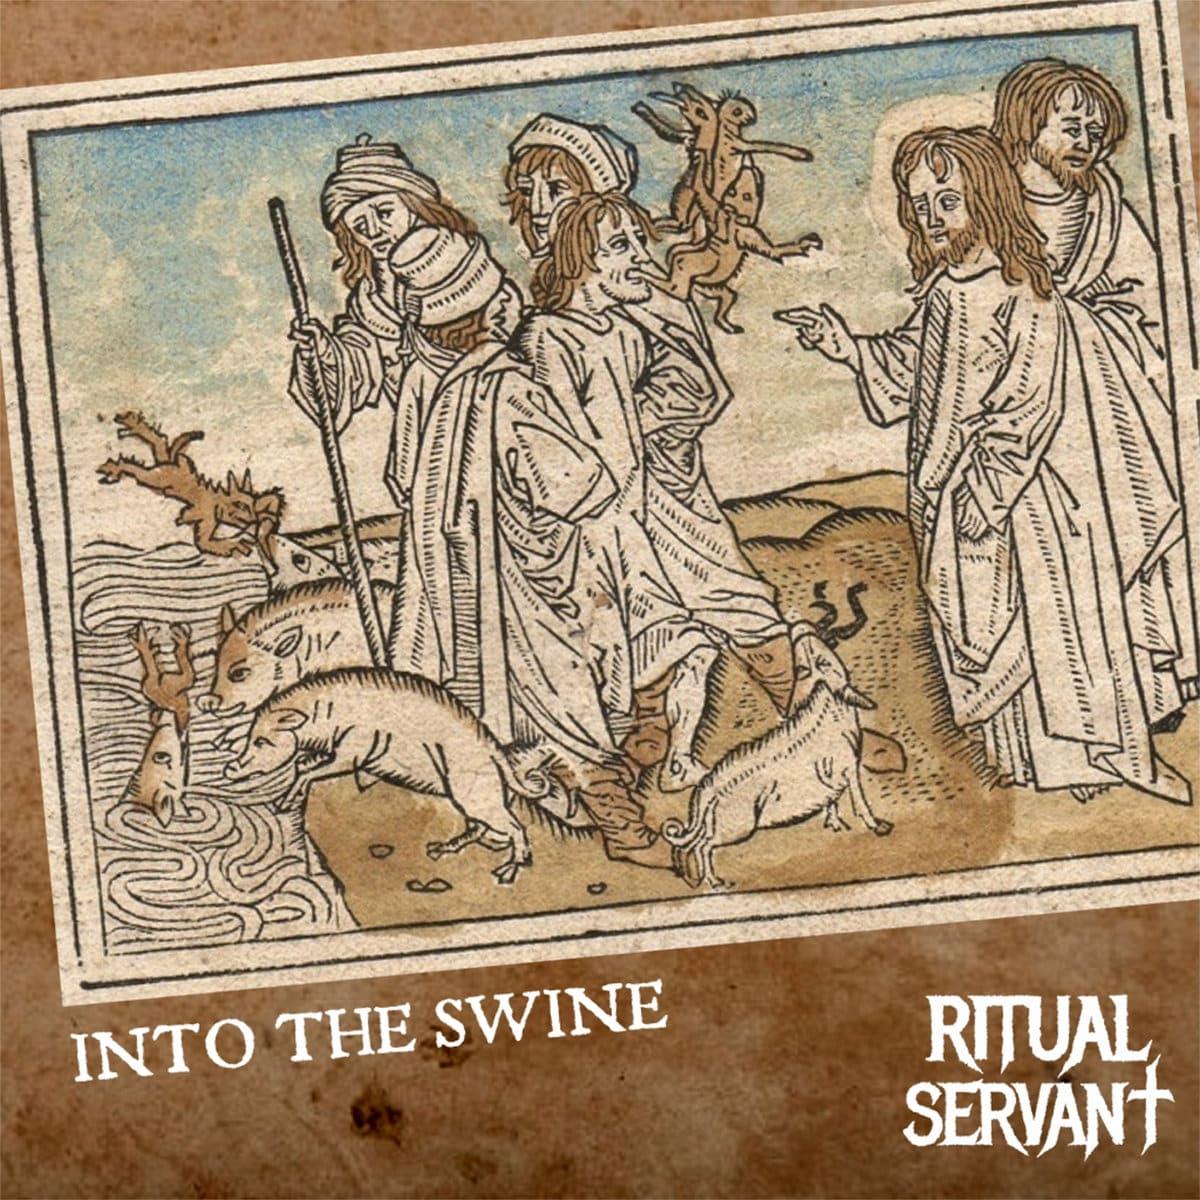 Ritual Servant - Into the Swine